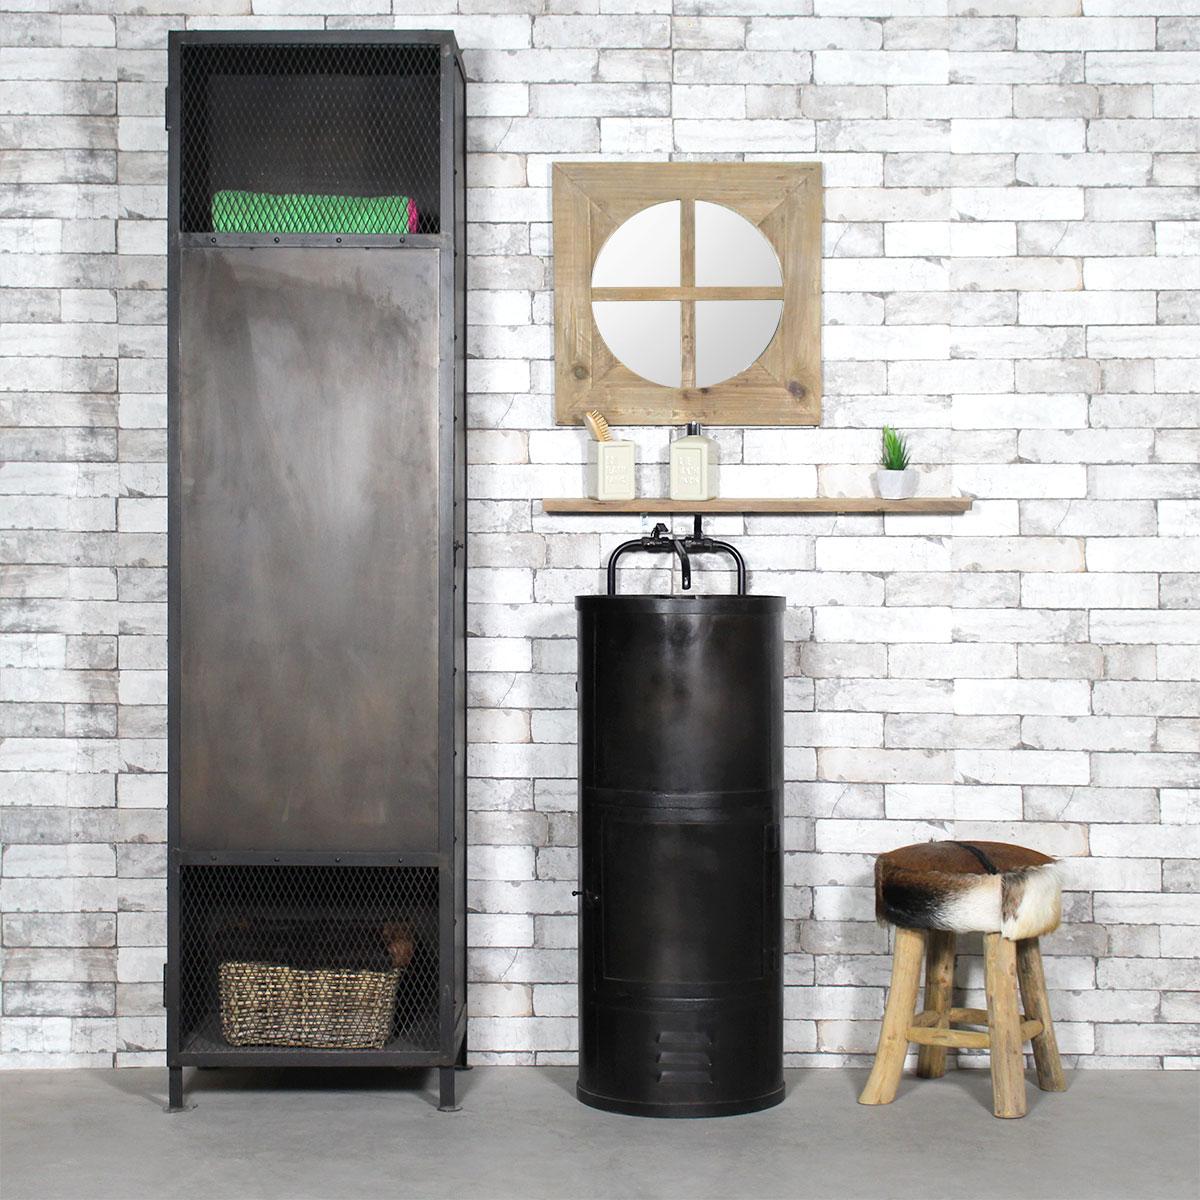 meuble salle de bain industriel-metal noir original tendance lavabo indus